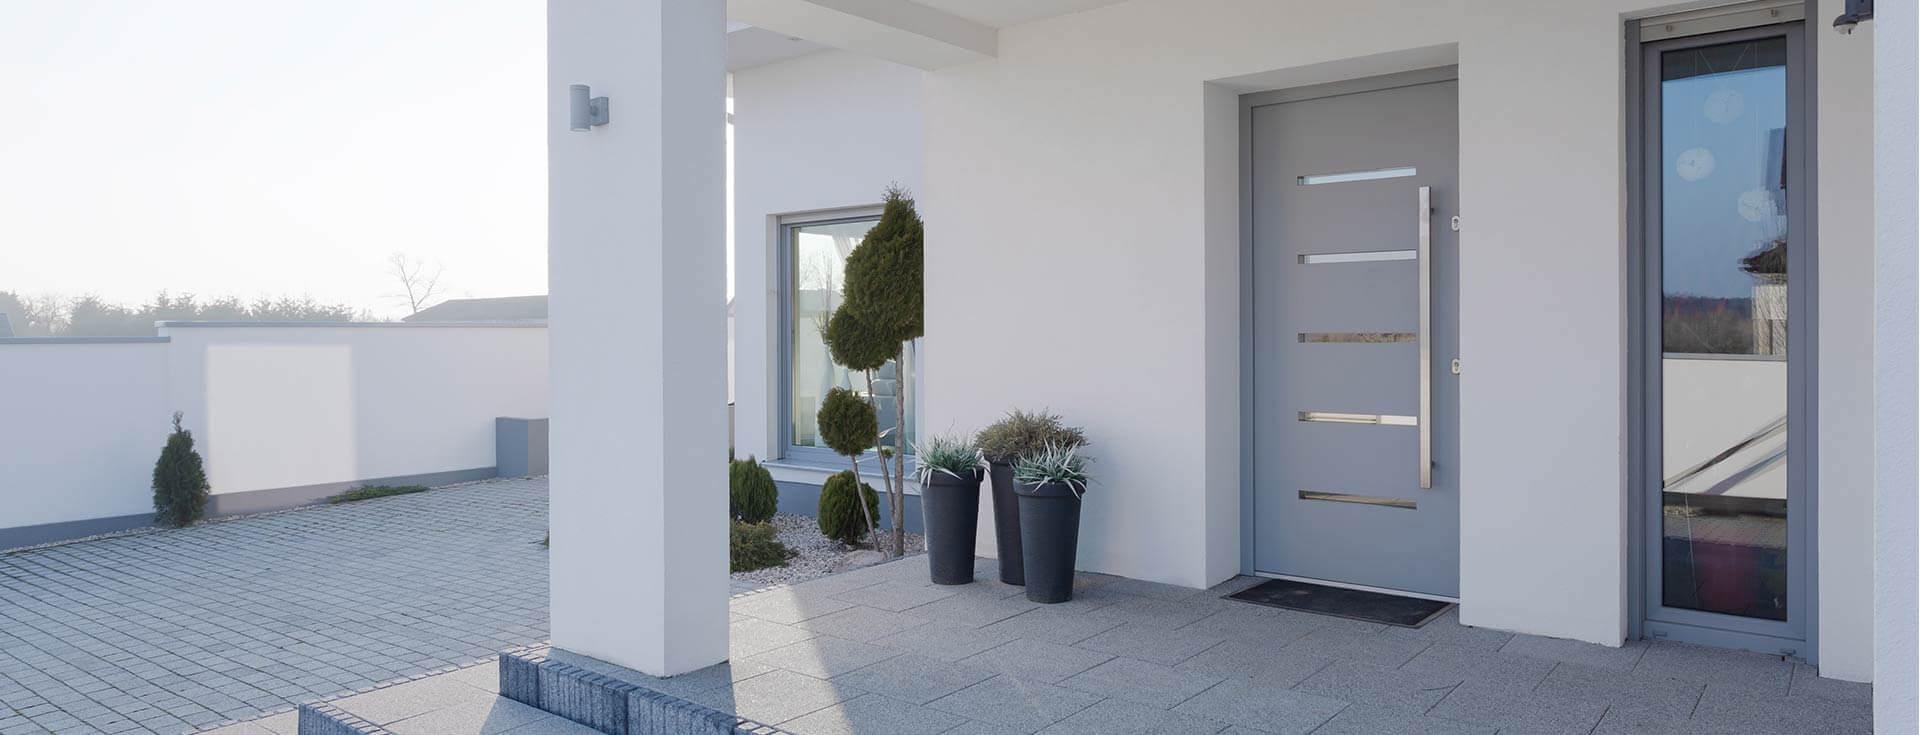 Individuelle Fenster und Türen nach Maß